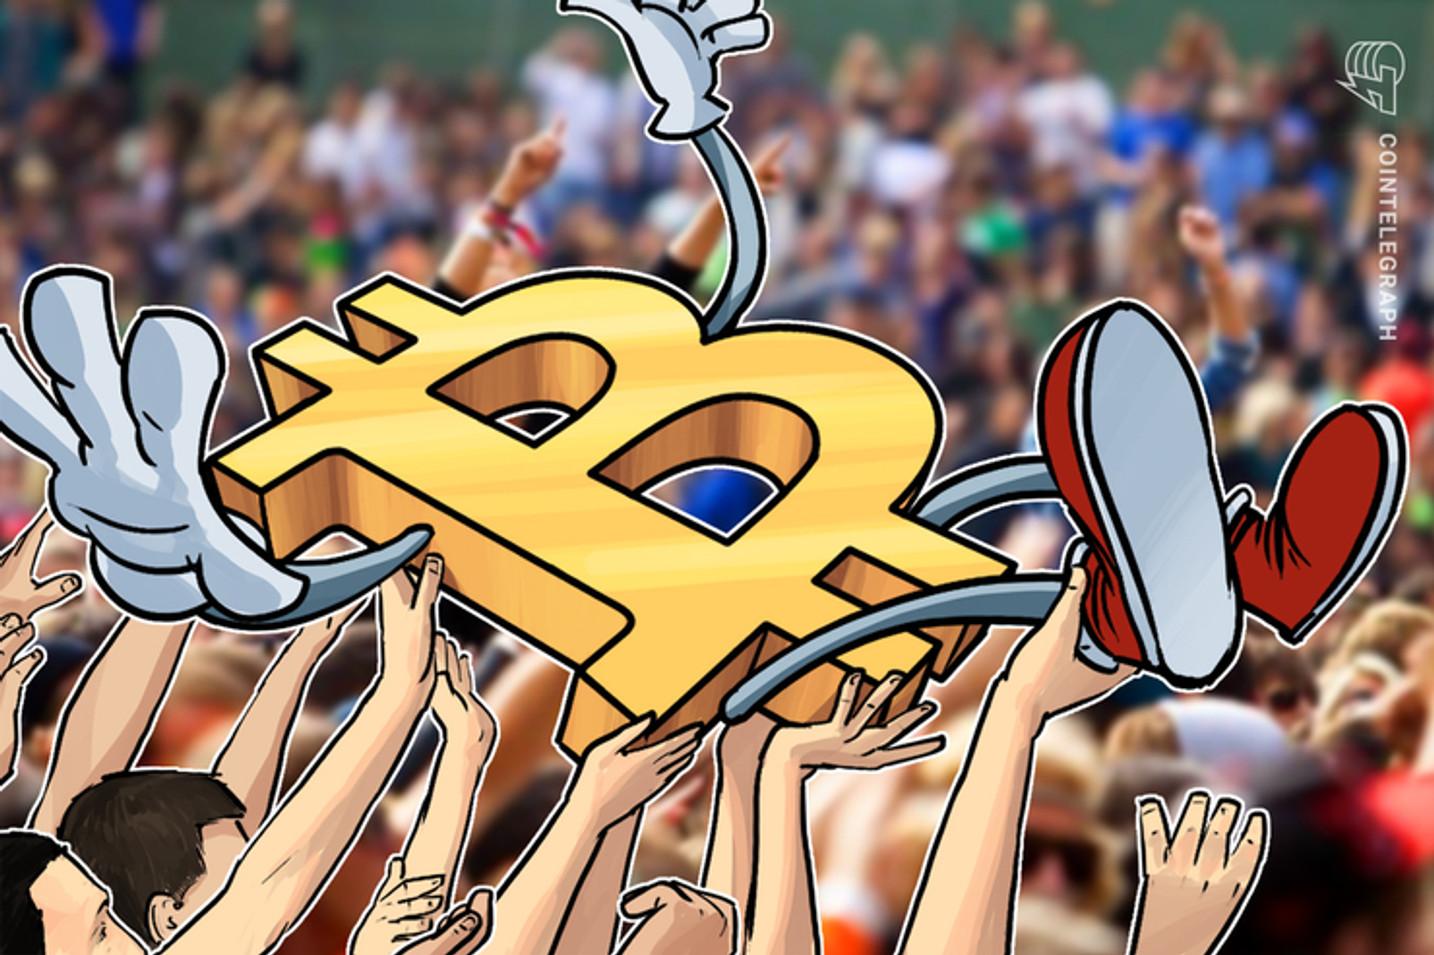 Desarrolladores de Bitcoin y Ethereum se preparan para computadoras cuánticas